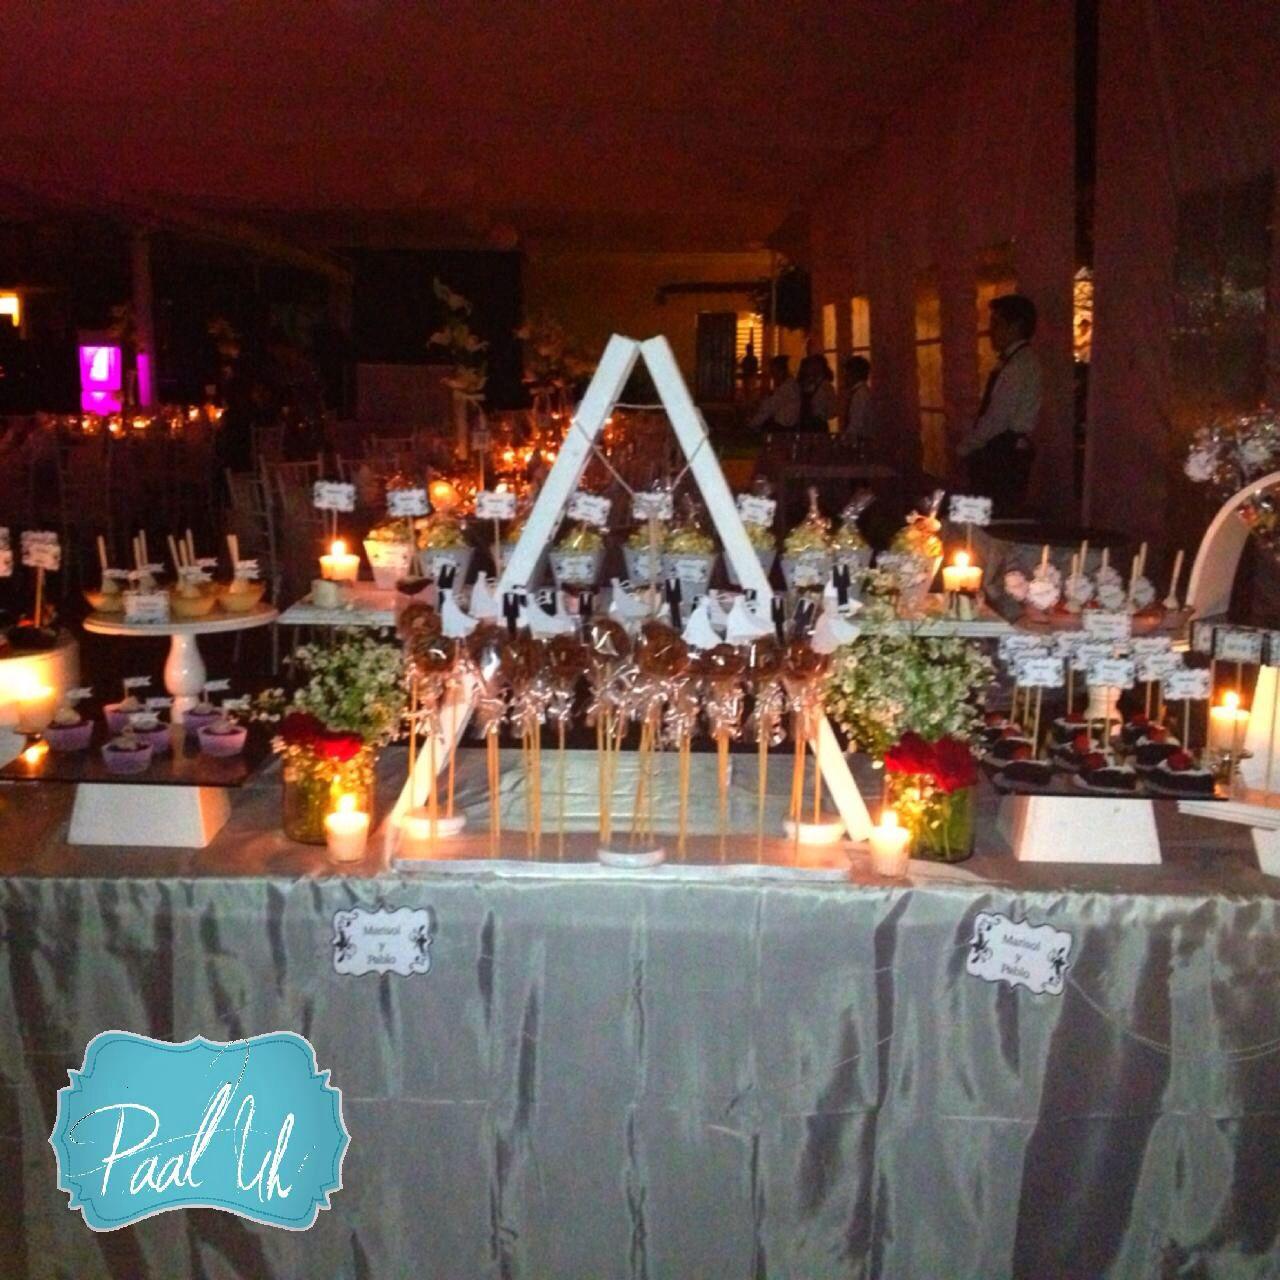 Paal uh mesas de postres snack 39 s boda dulces - Mesa de dulces para bodas ...